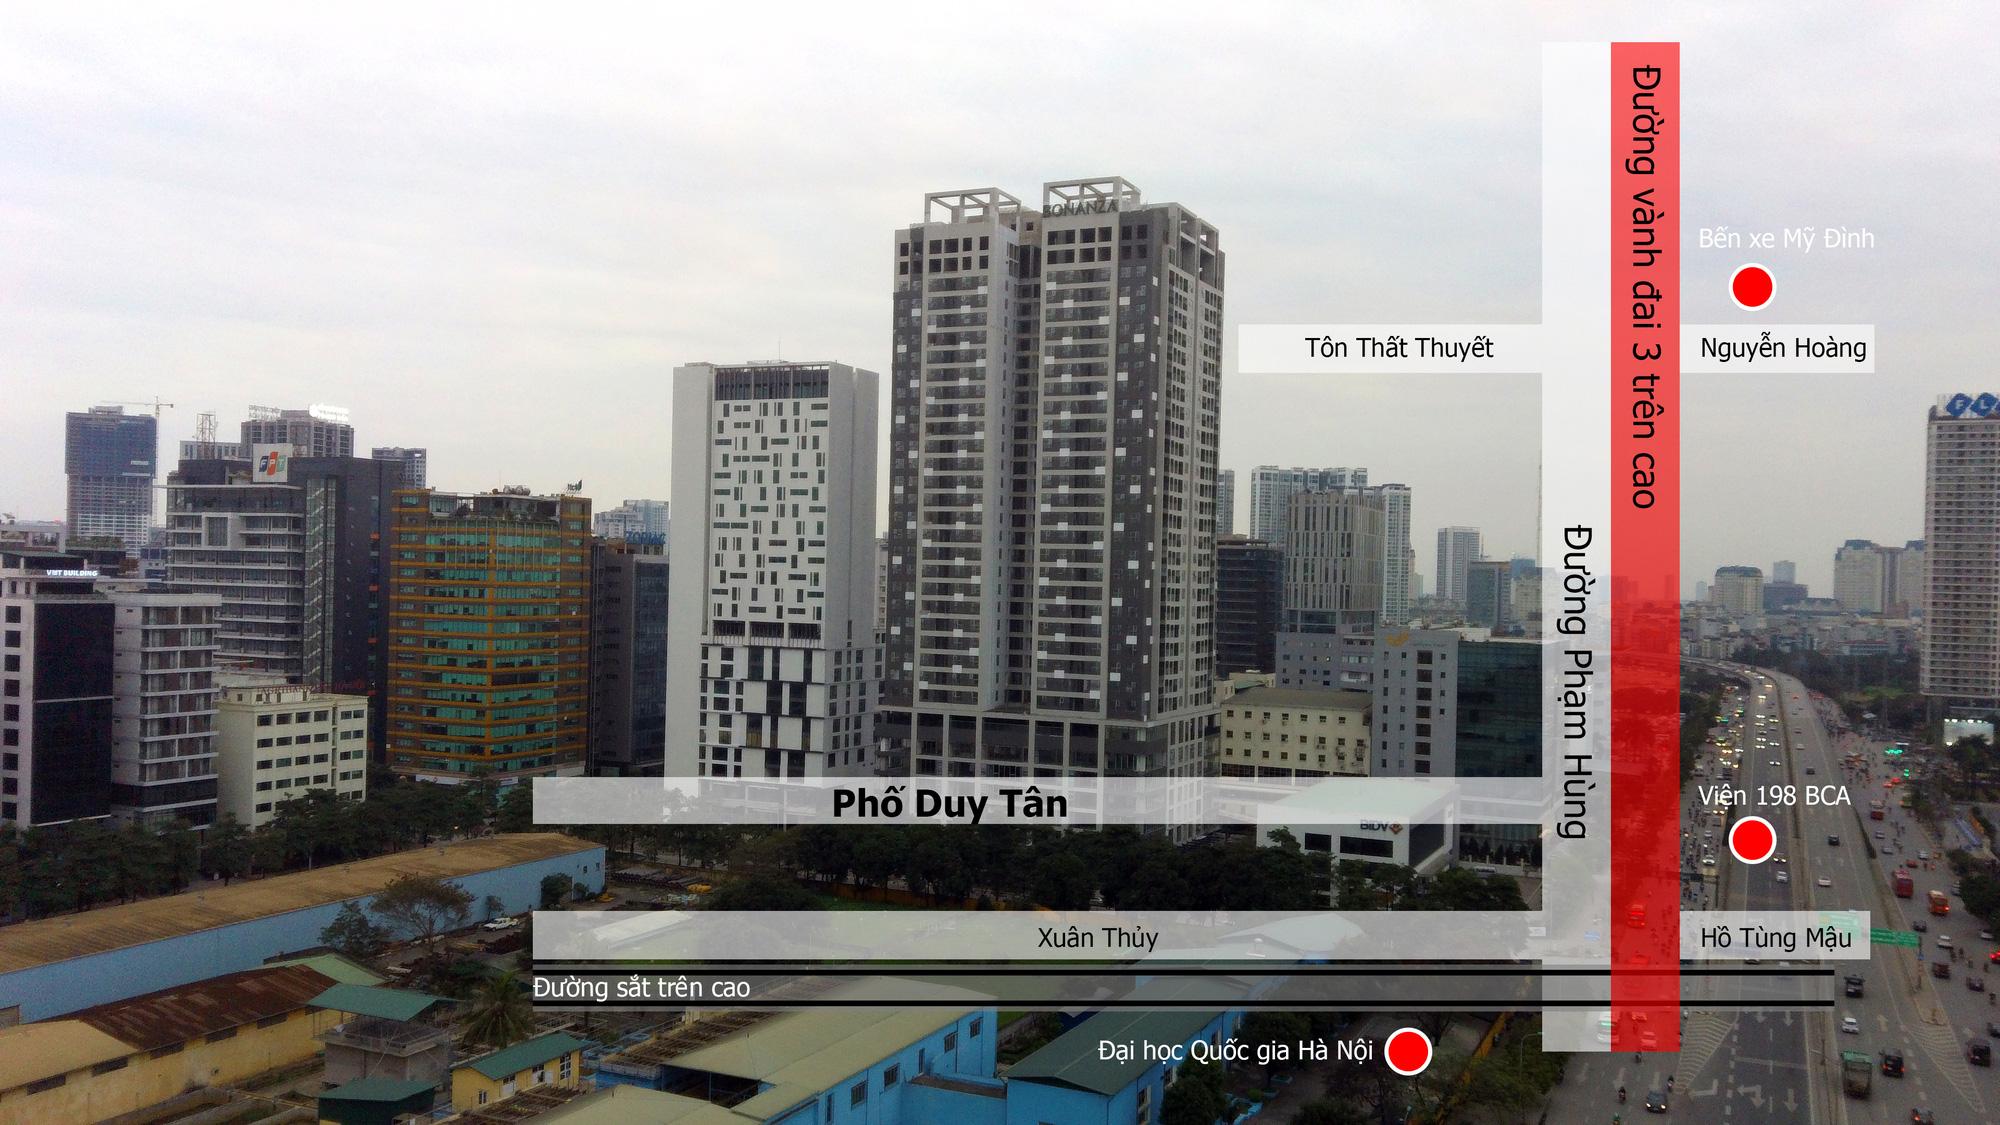 Dự án Dreamland Bonanza đang mở bán: Toà chung cư hiếm hoi ở 'khu phố Wall' của Việt Nam - Ảnh 5.